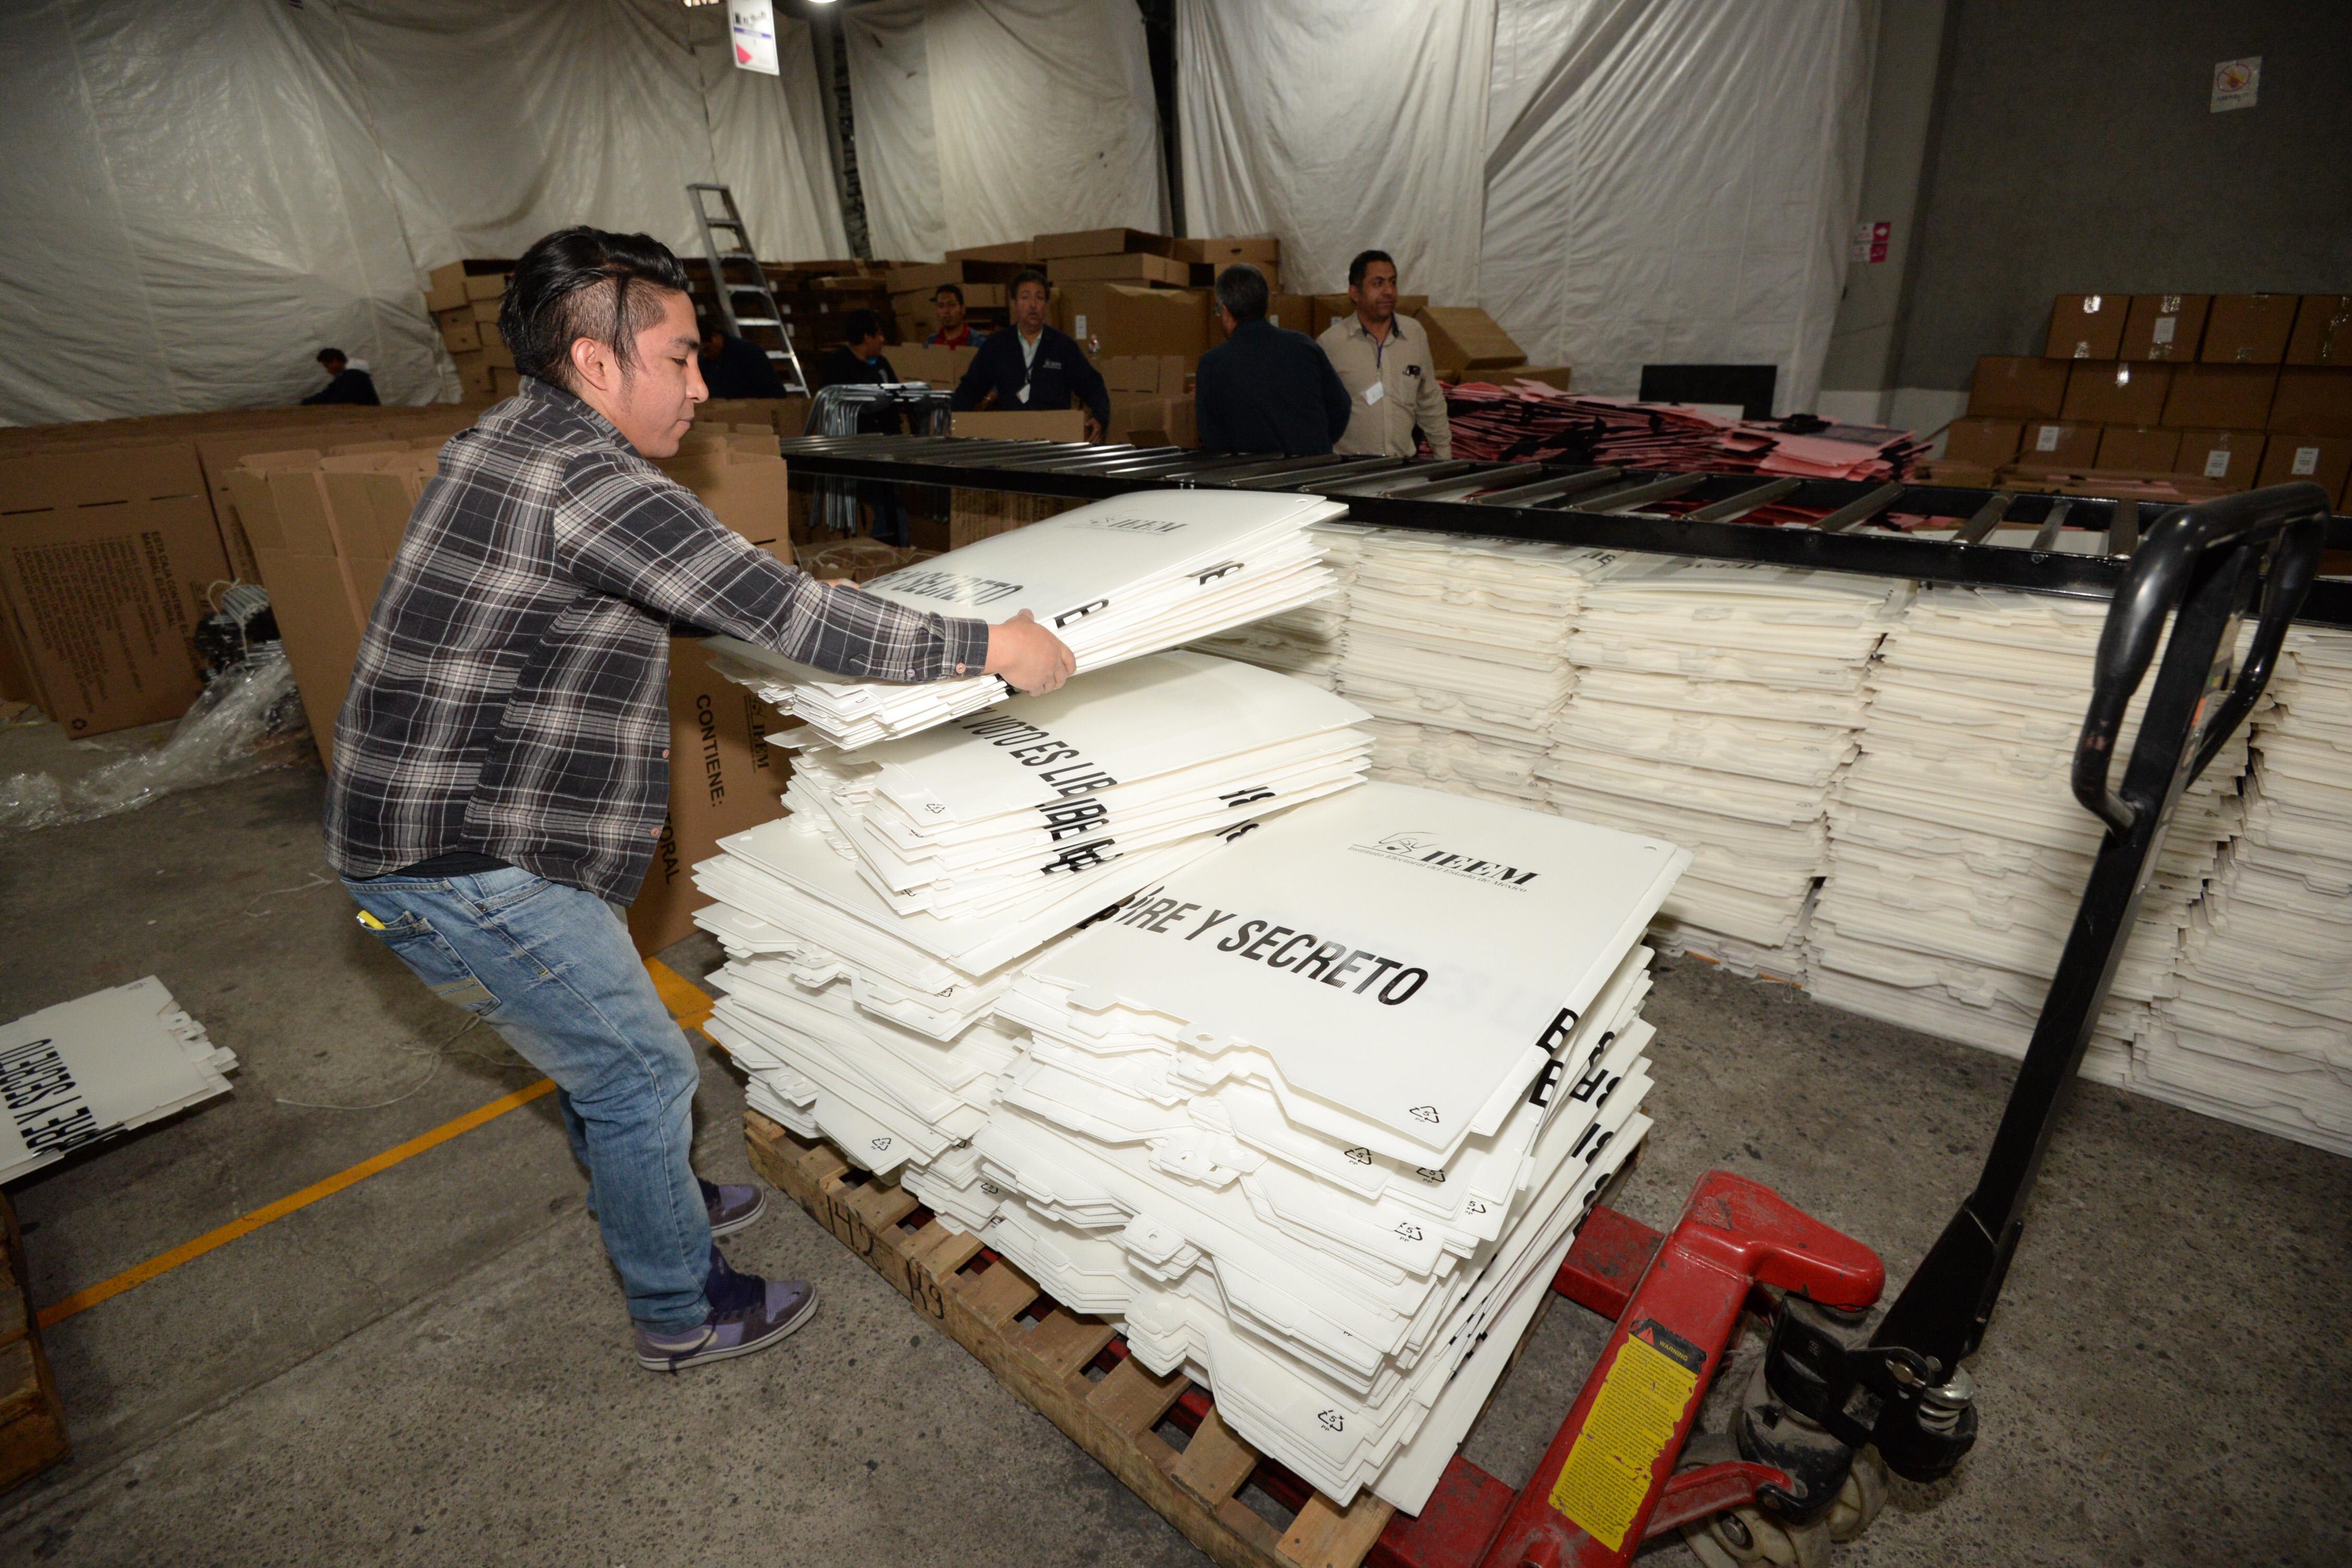 Trabajos de integración y distribución de papelería electoral en el Instituto Electoral del Estado de México. FOTO: ARTEMIO GUERRA  /CUARTOSCURO